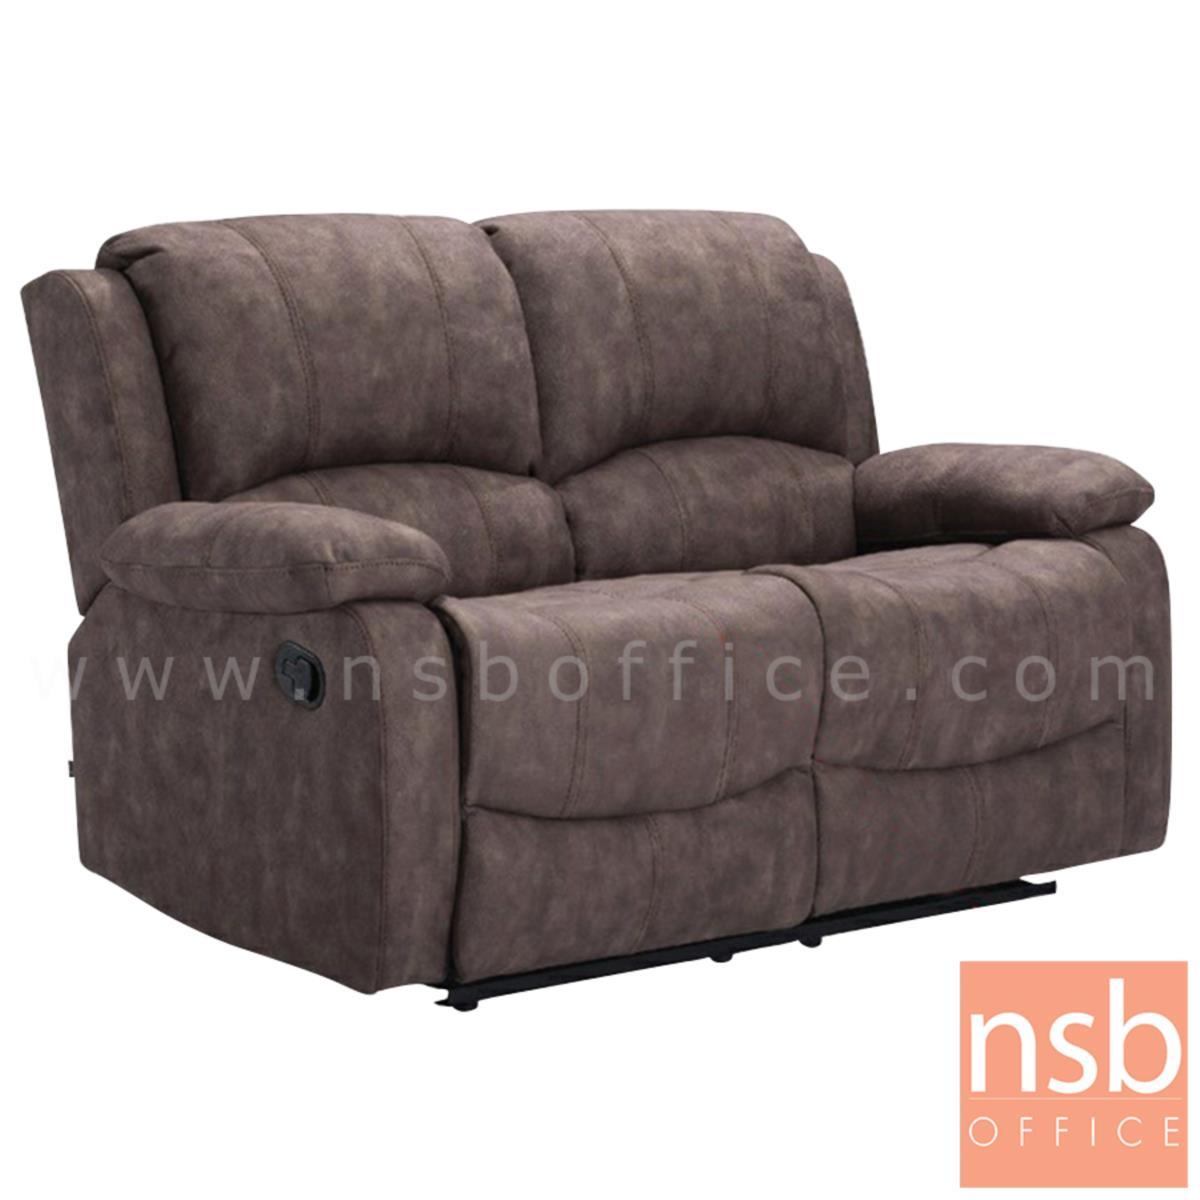 B15A058:โซฟาพักผ่อน หนังหุ้มผ้า  รุ่น Gloucester (กลอสเตอร์)  2, 3 ที่นั่ง ขนาด 144W, 194W cm.  ยืดขา-ปรับนอนได้